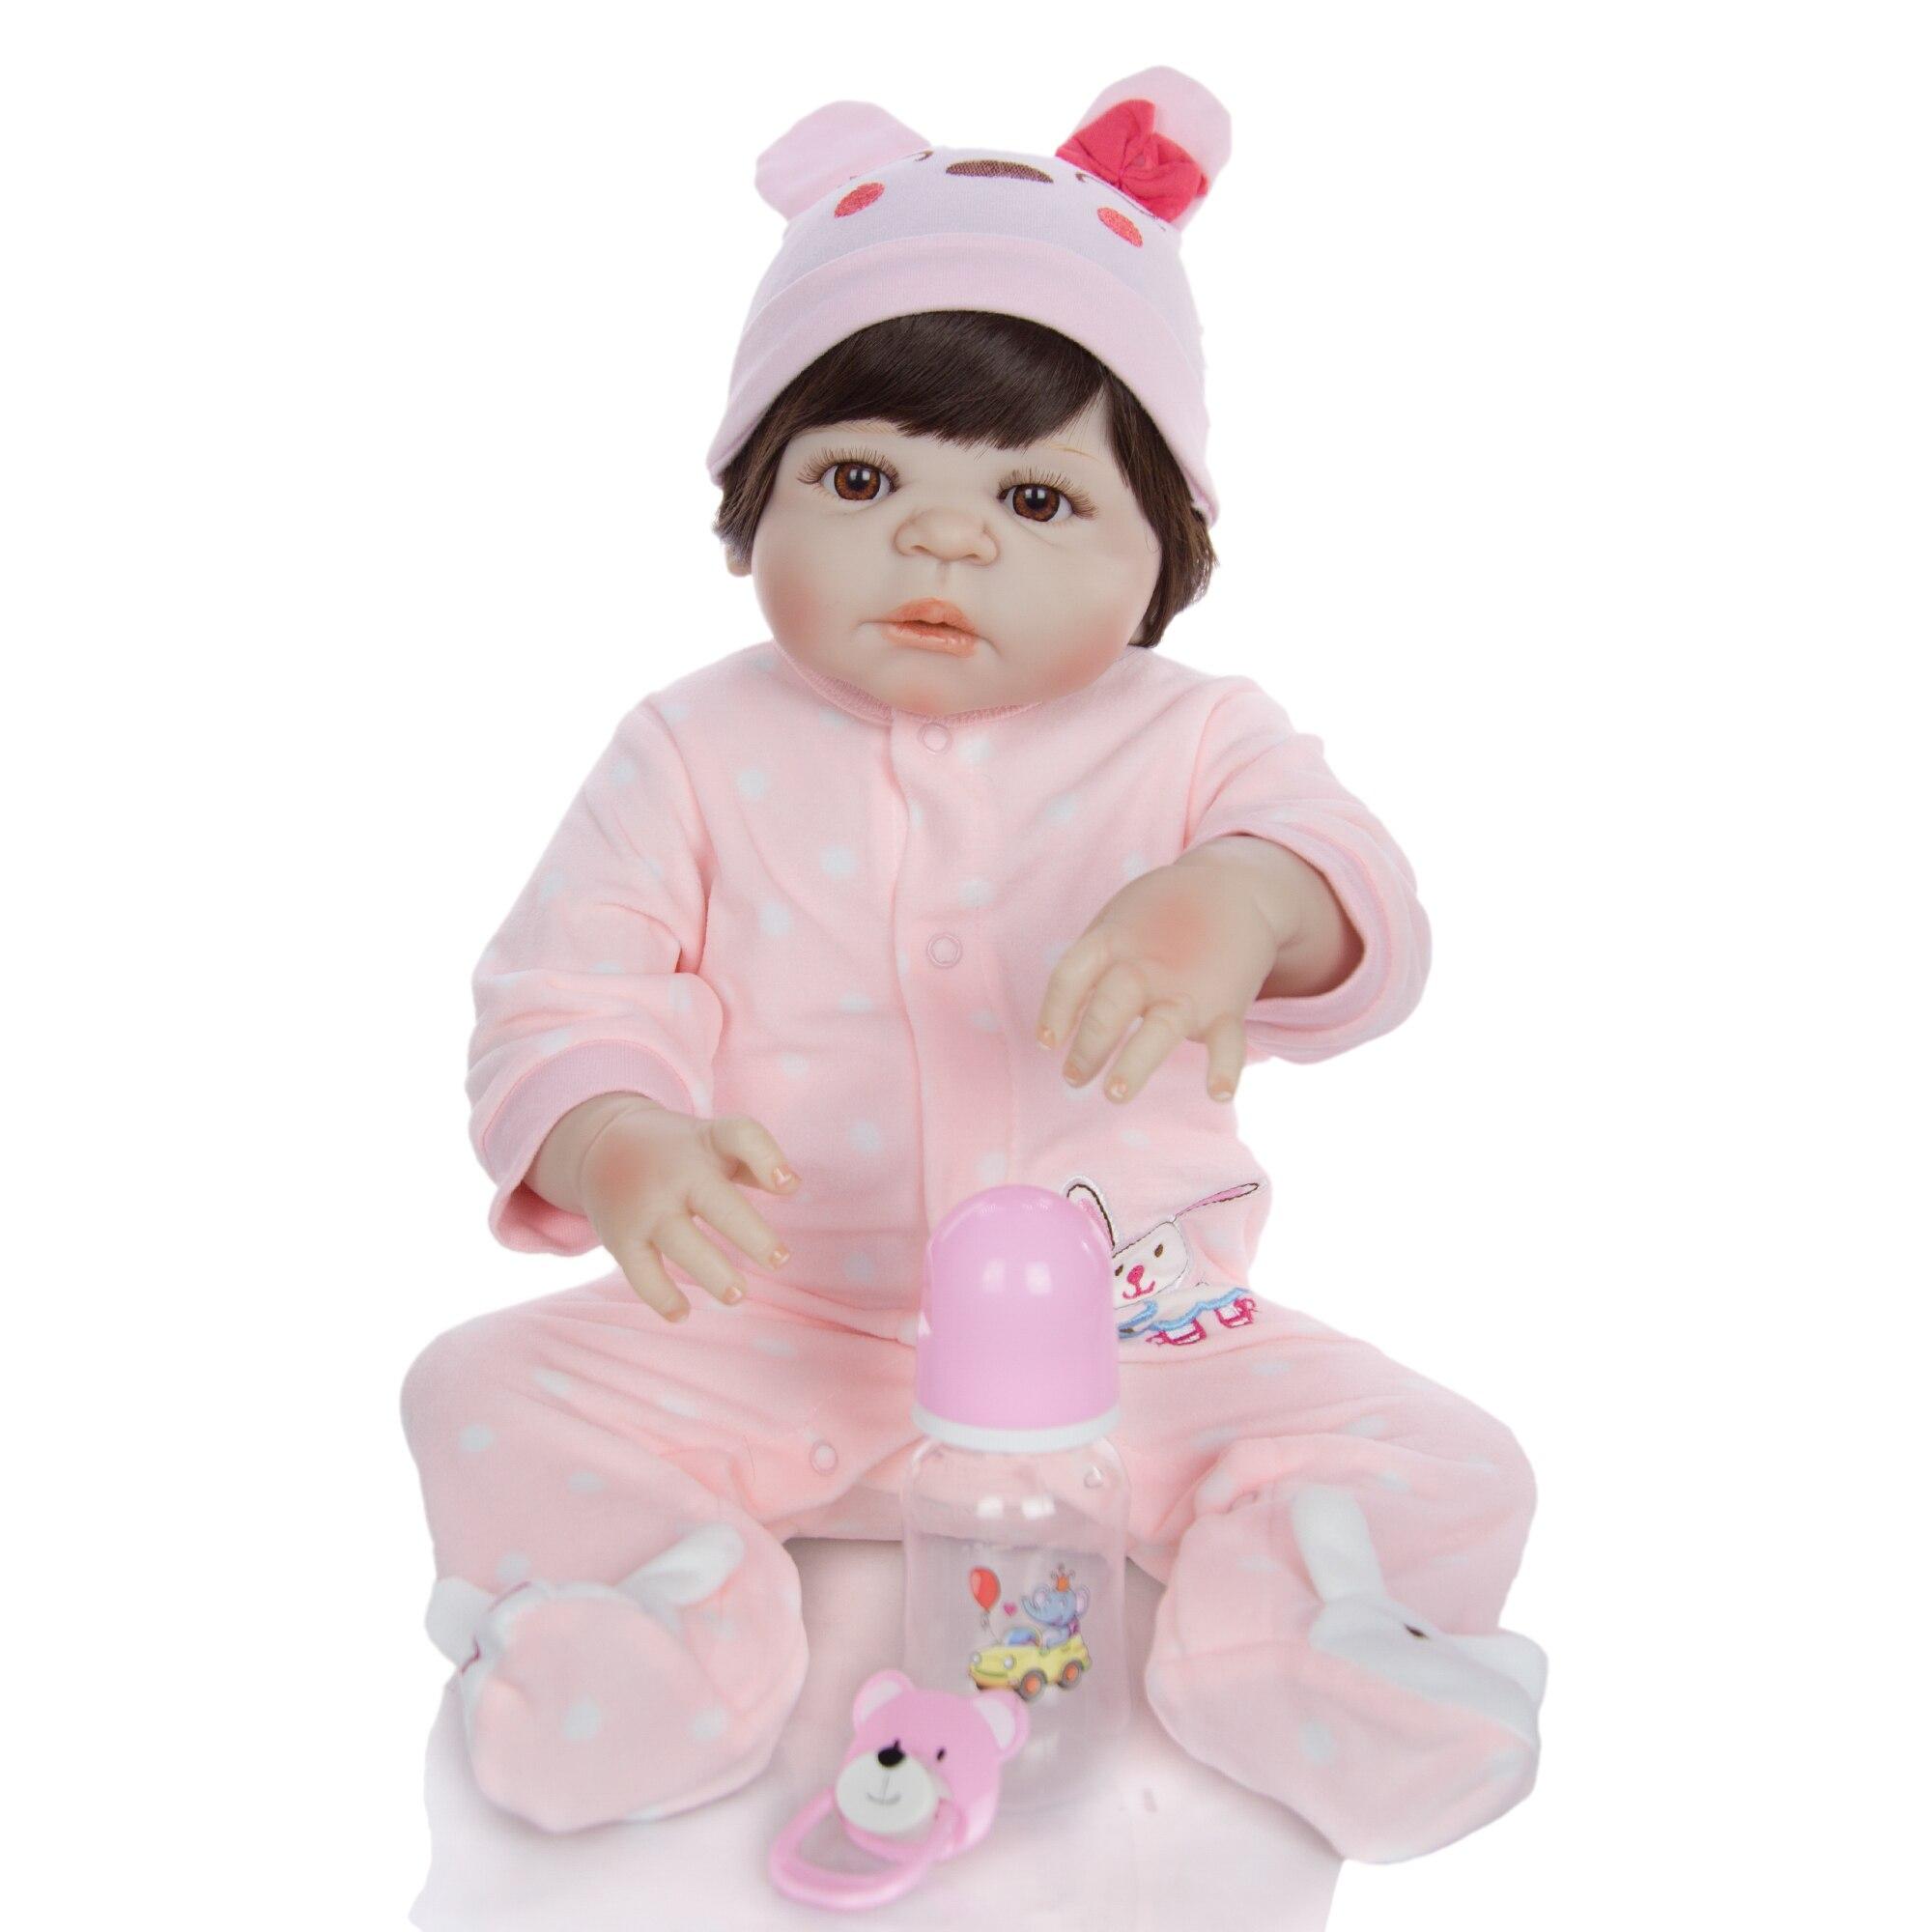 Vinilo completo de silicona para bebés recién nacidos de 23 pulgadas Reborn Boneca 57 Cm para niños pequeños regalo-in Muñecas from Juguetes y pasatiempos    2